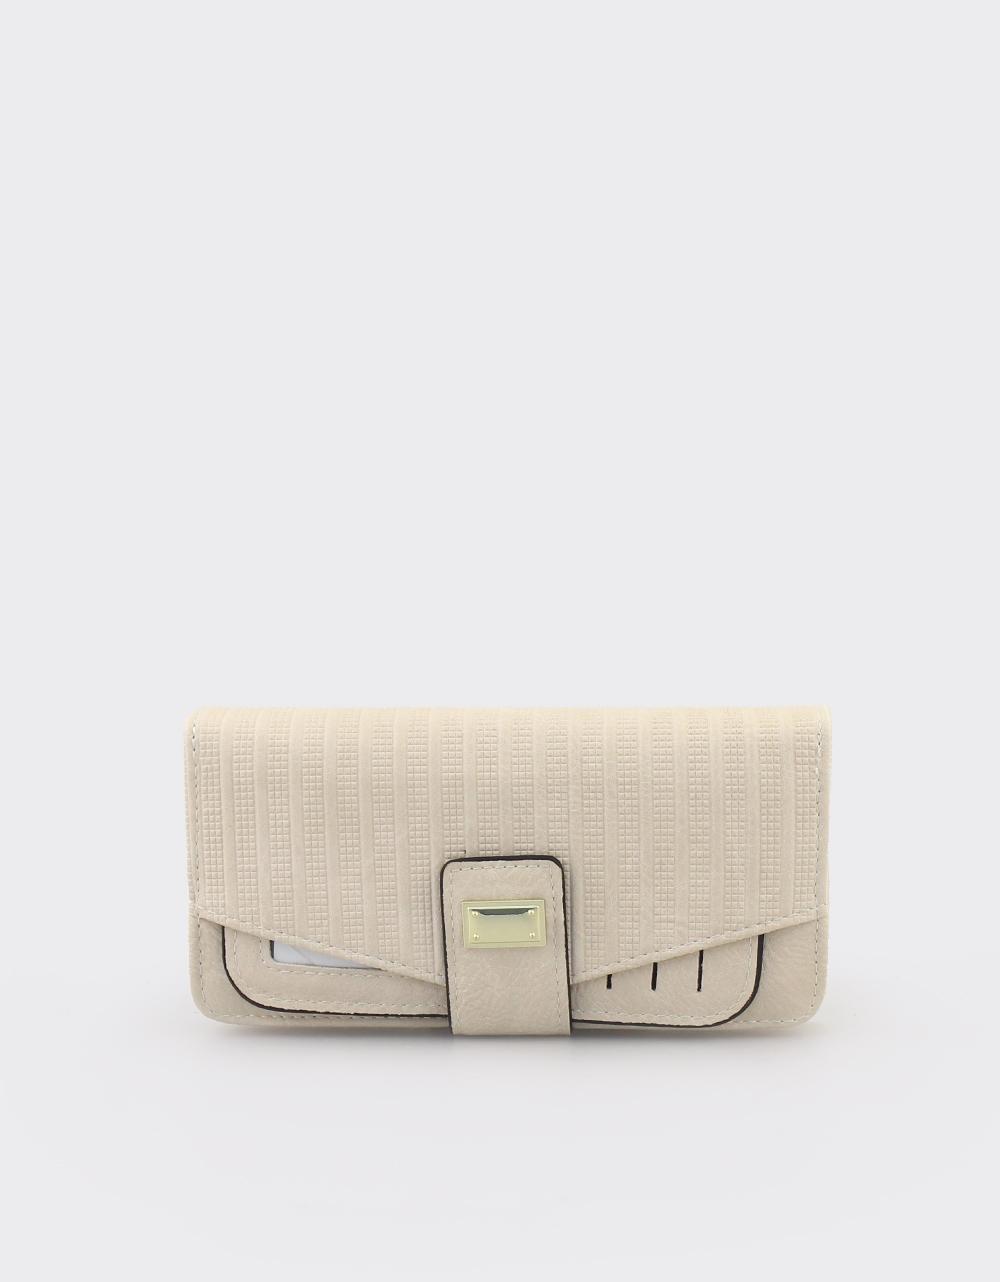 Εικόνα από Γυναικεία πορτοφόλια με ανάγλυφο μοτίβο Μπεζ